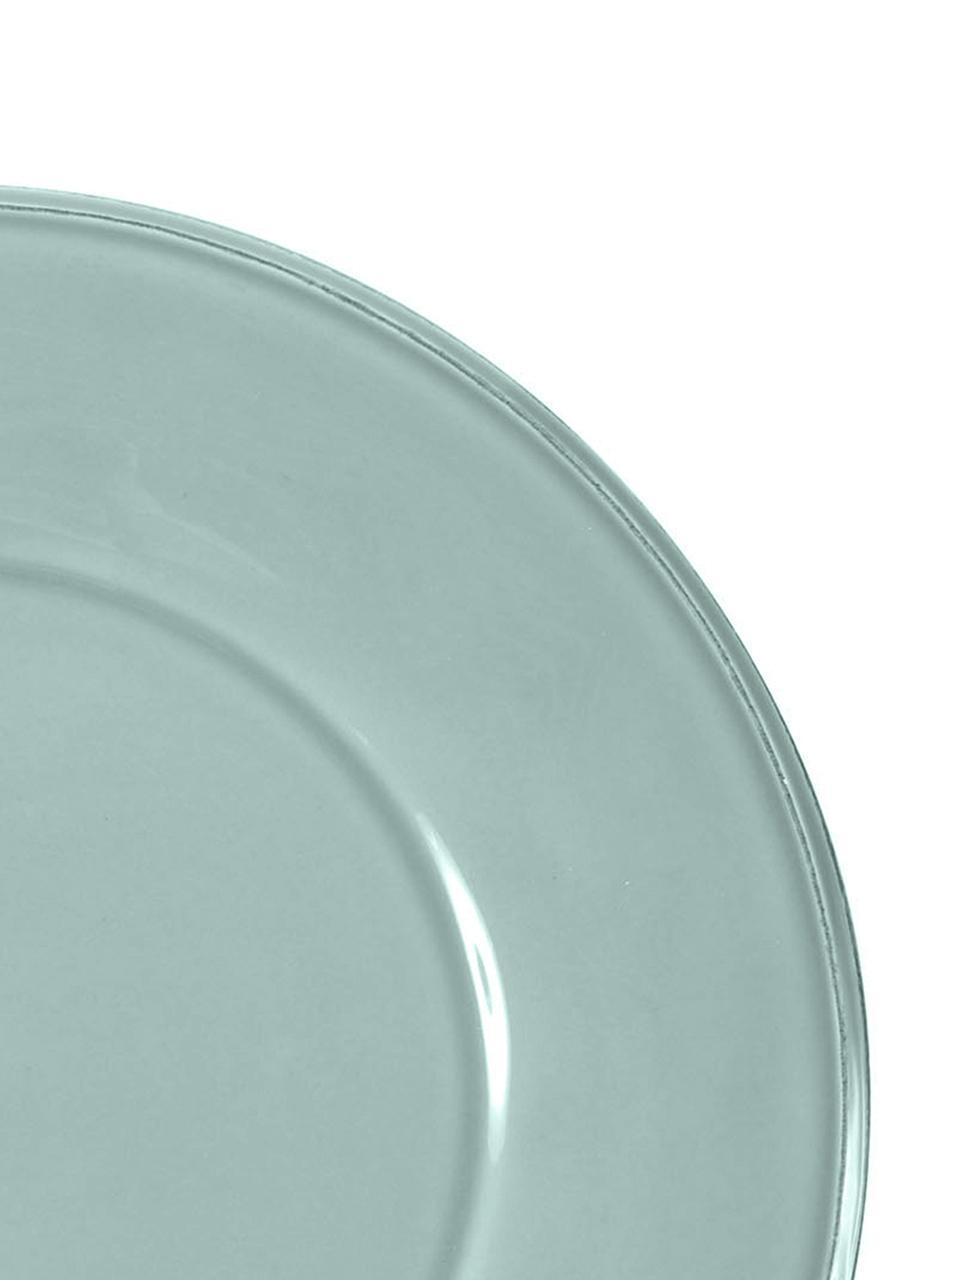 Speiseteller Constance in Mint im Landhaus Style, 2 Stück, Steingut, Mint, Ø 29 cm